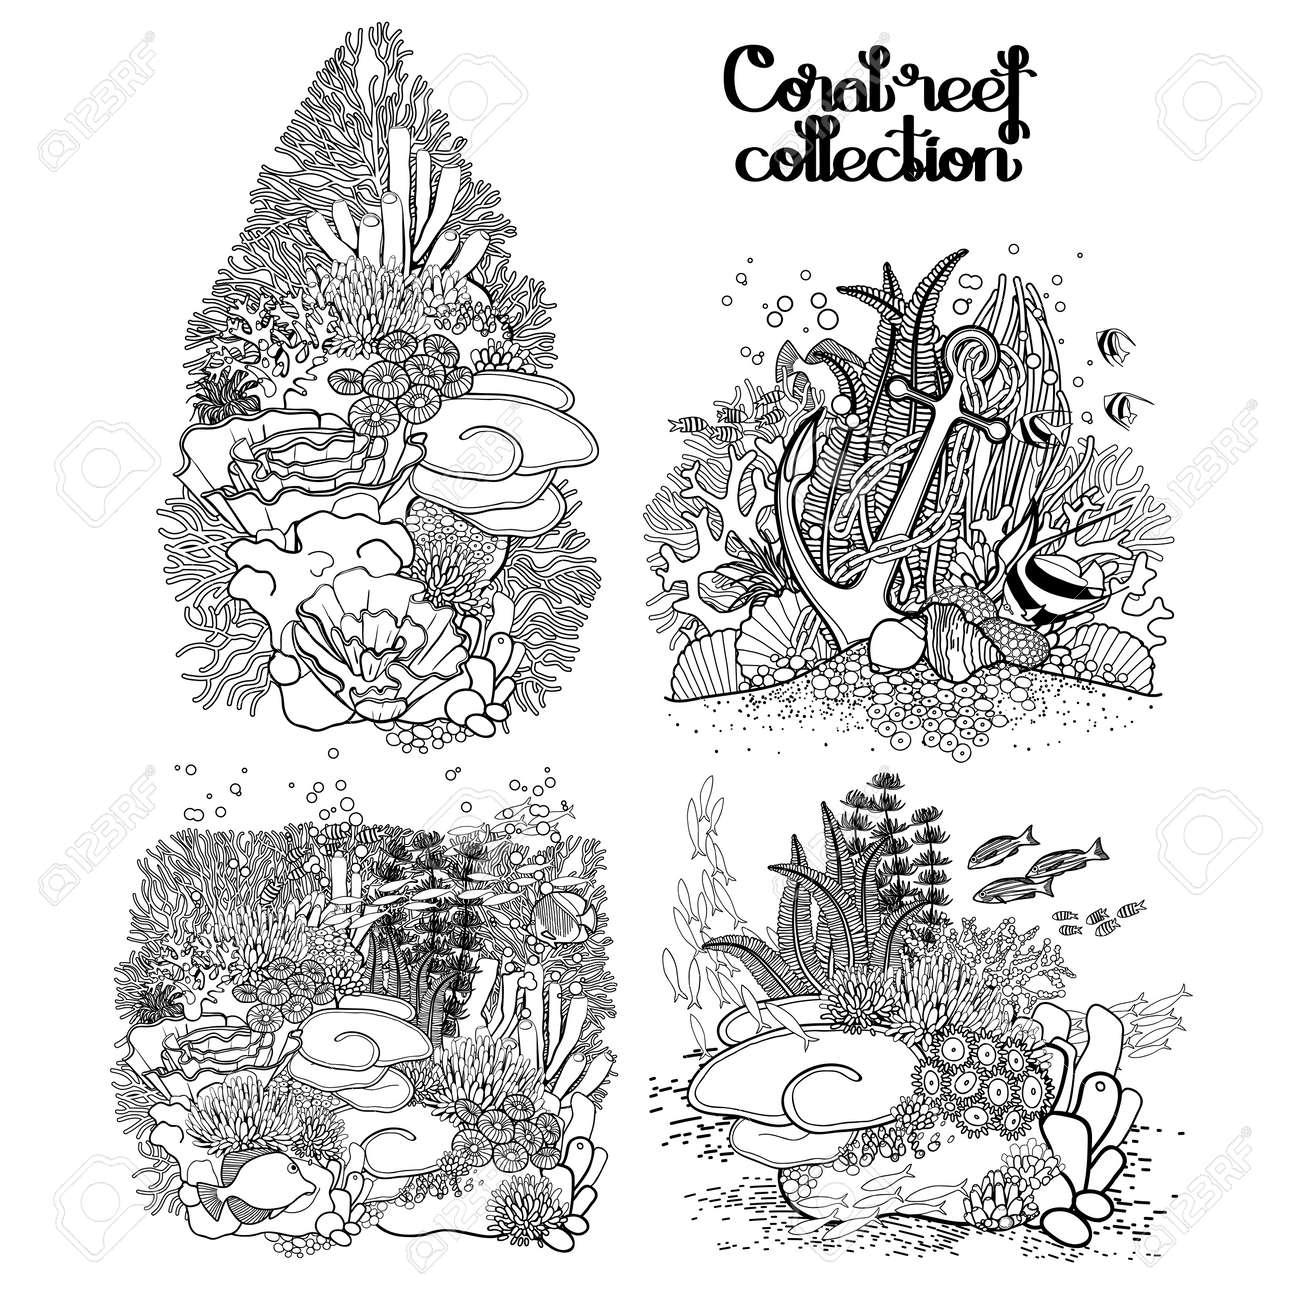 pflanzen im meer malvorlagen  Coloring and Malvorlagan